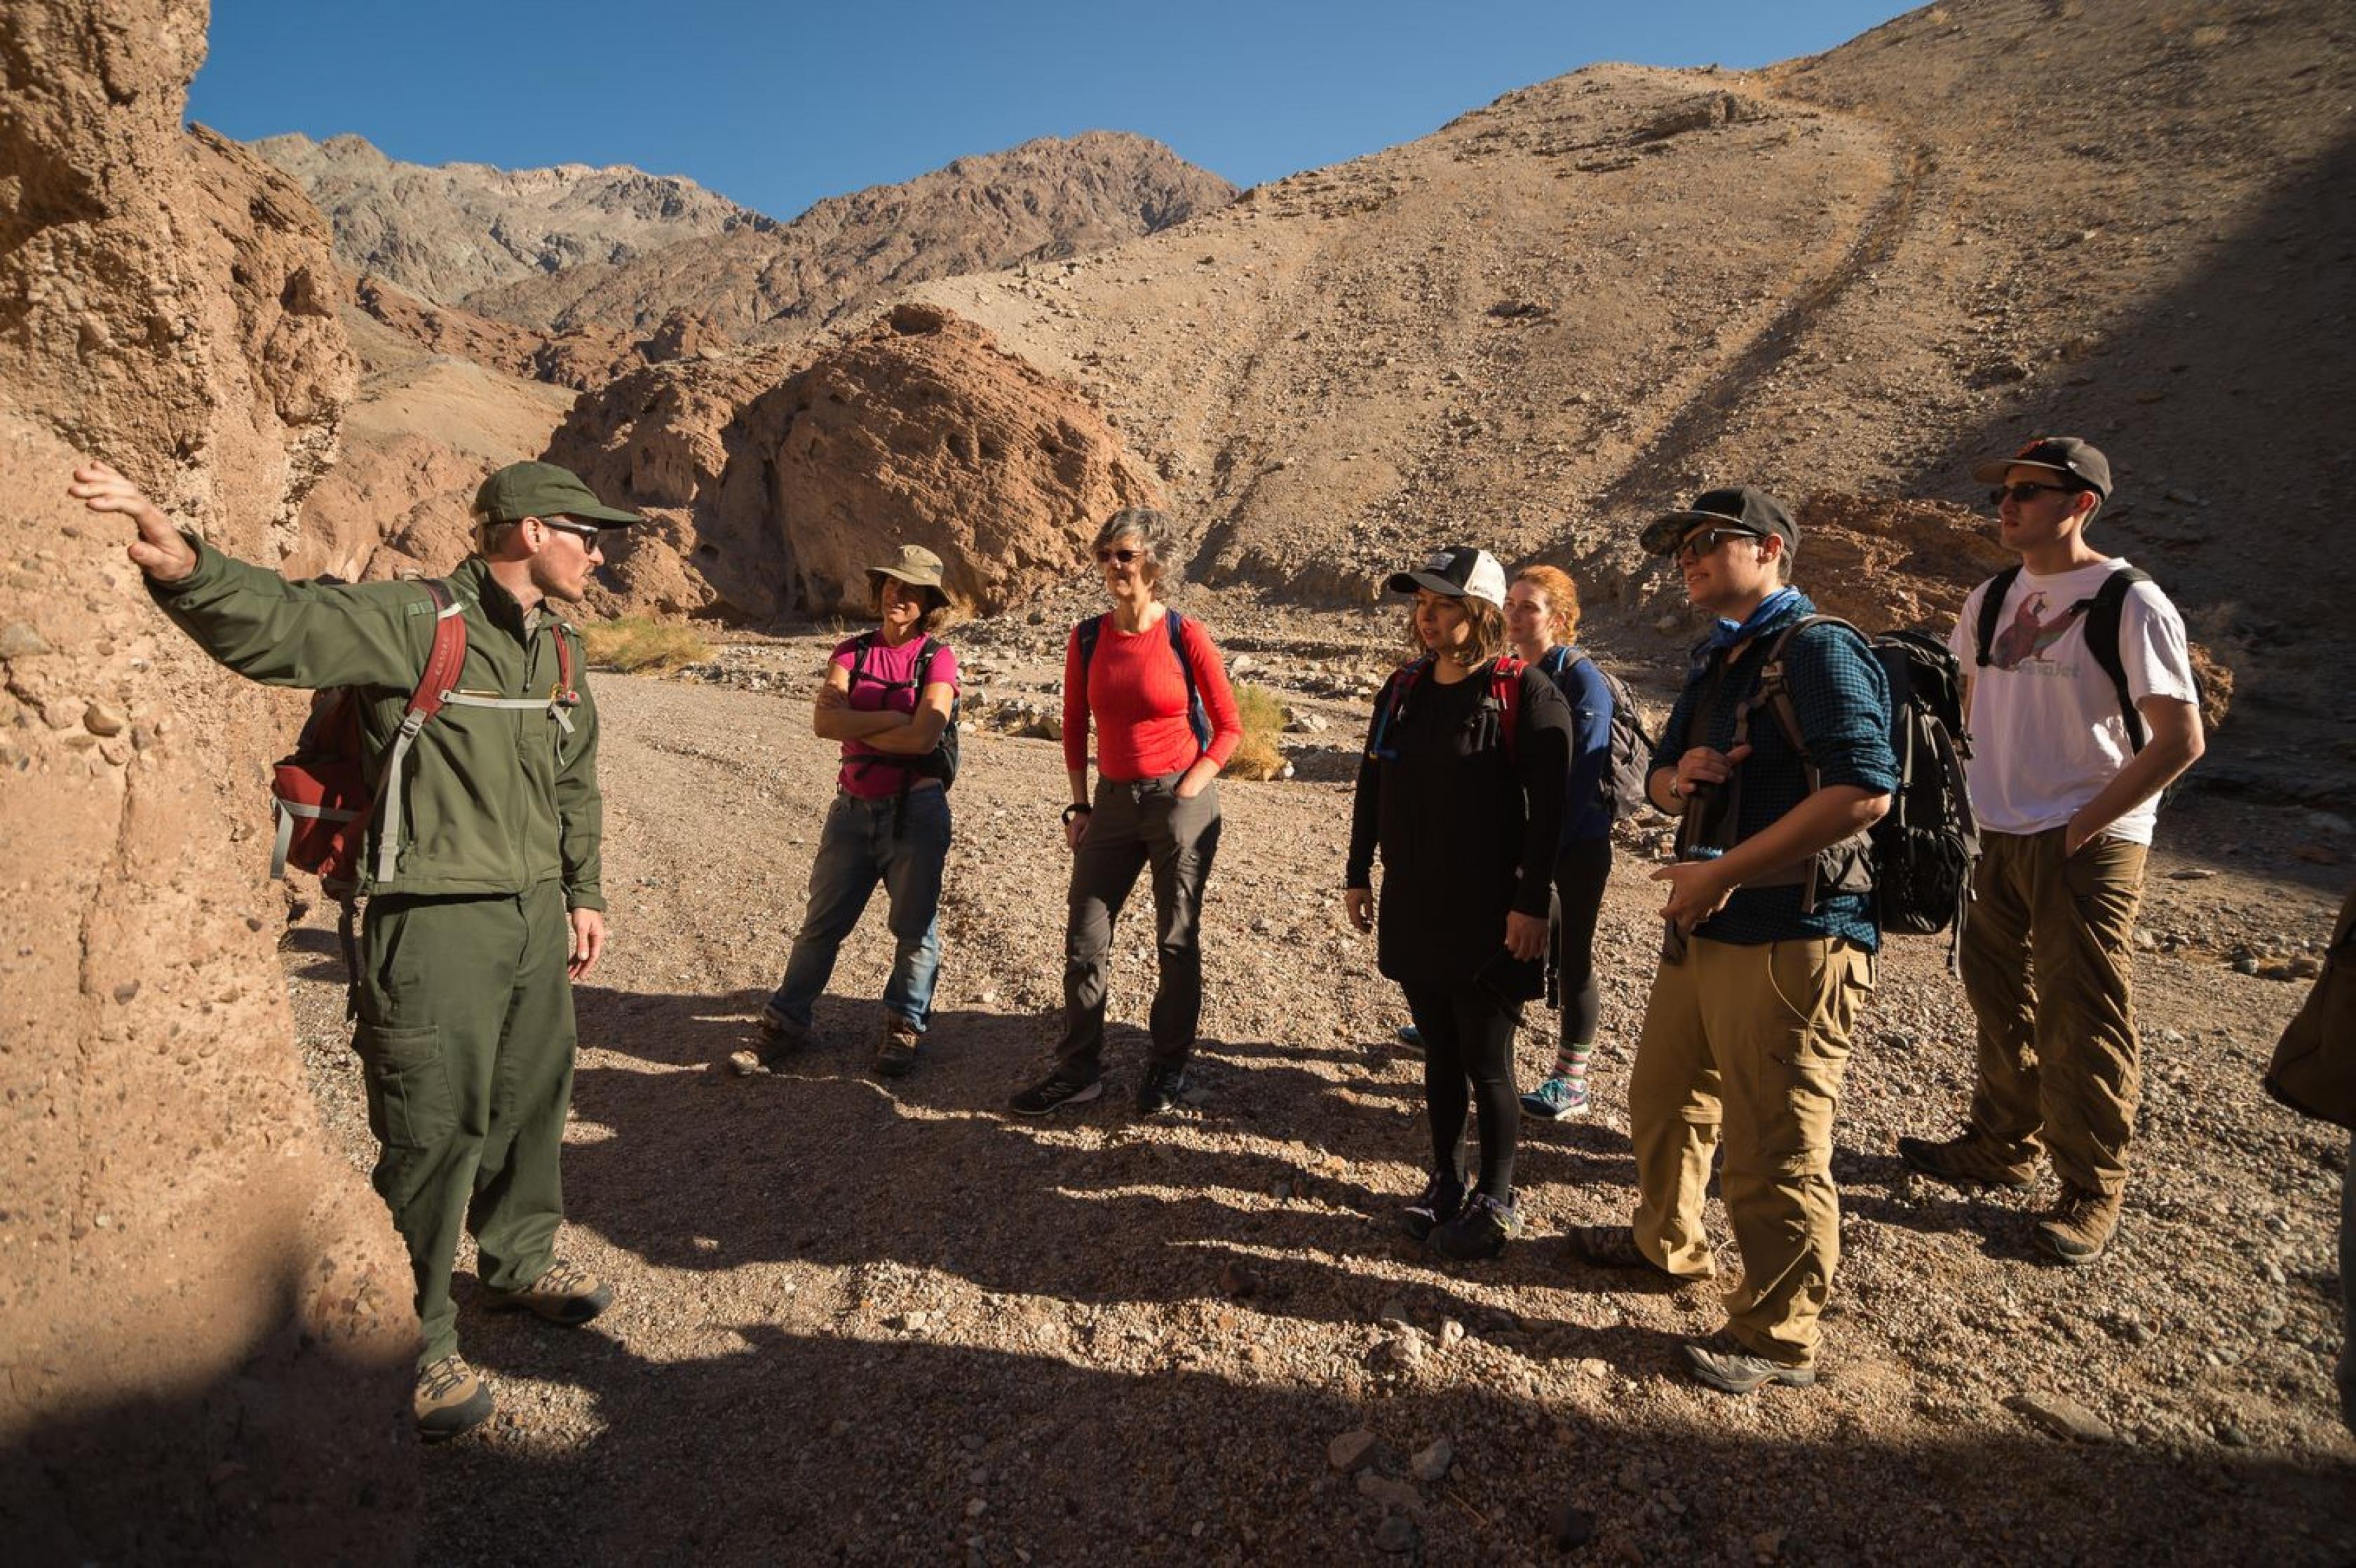 Un grupo de visitantes observando a un guardabosques apuntando a algo en las rocas en la gira de paleontología en el Parque Nacional del Valle de la Muerte